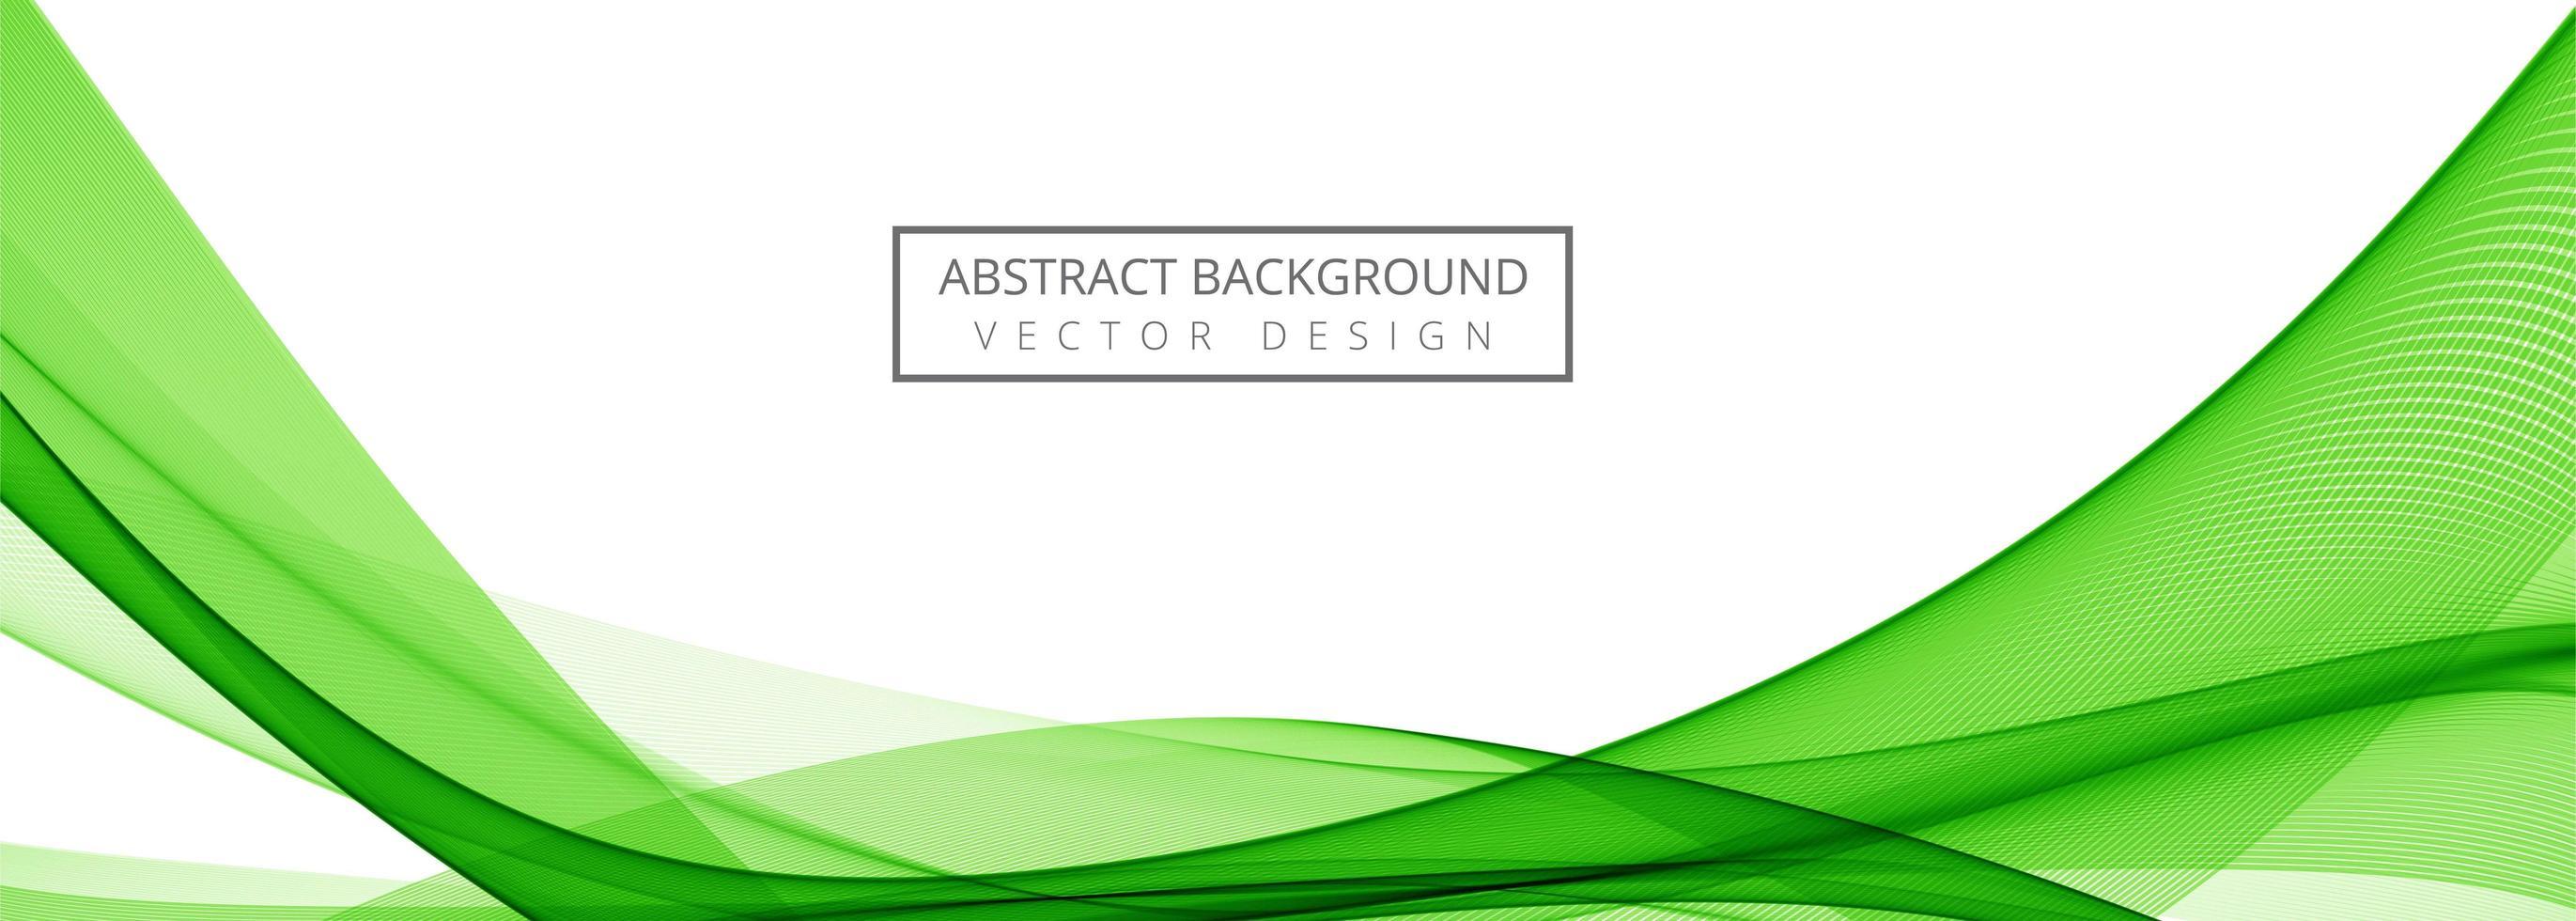 moderne groene stijlvolle golfbanner vector